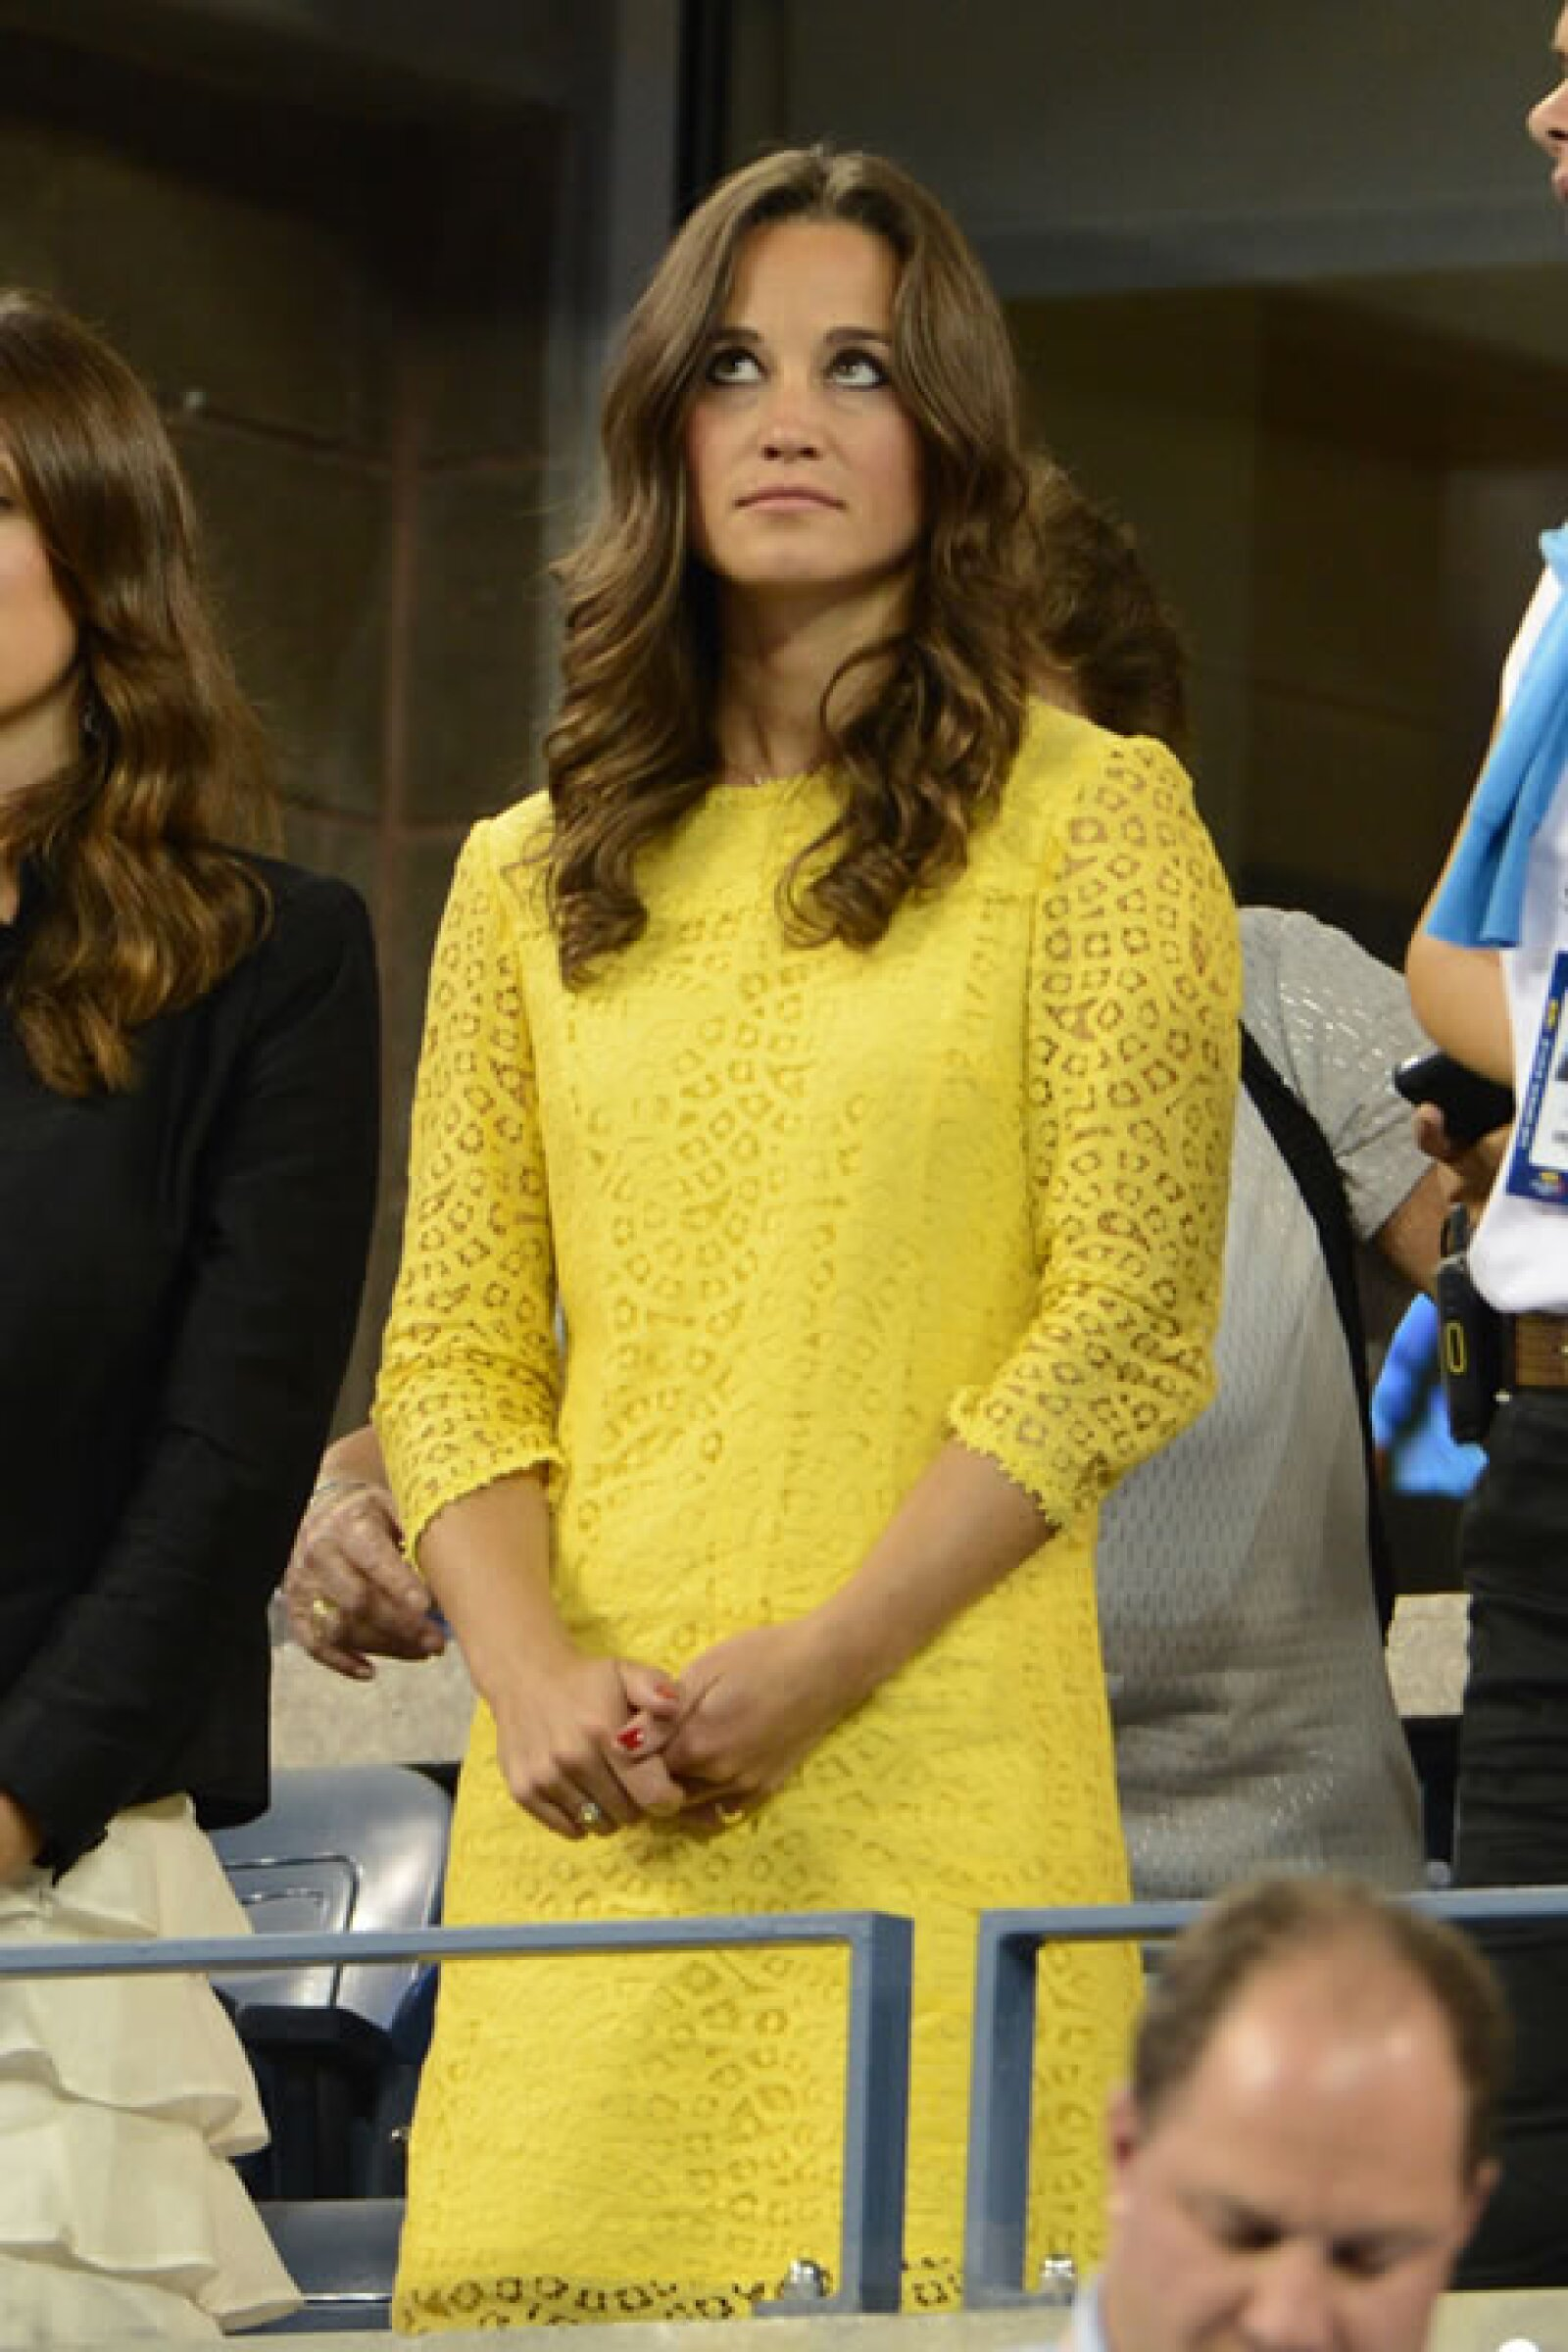 Uno de nuestros looks favoritos fue el que utilizó para el US Open el año pasado. Éste resaltó el color de su piel y mostró su lado más femenino.